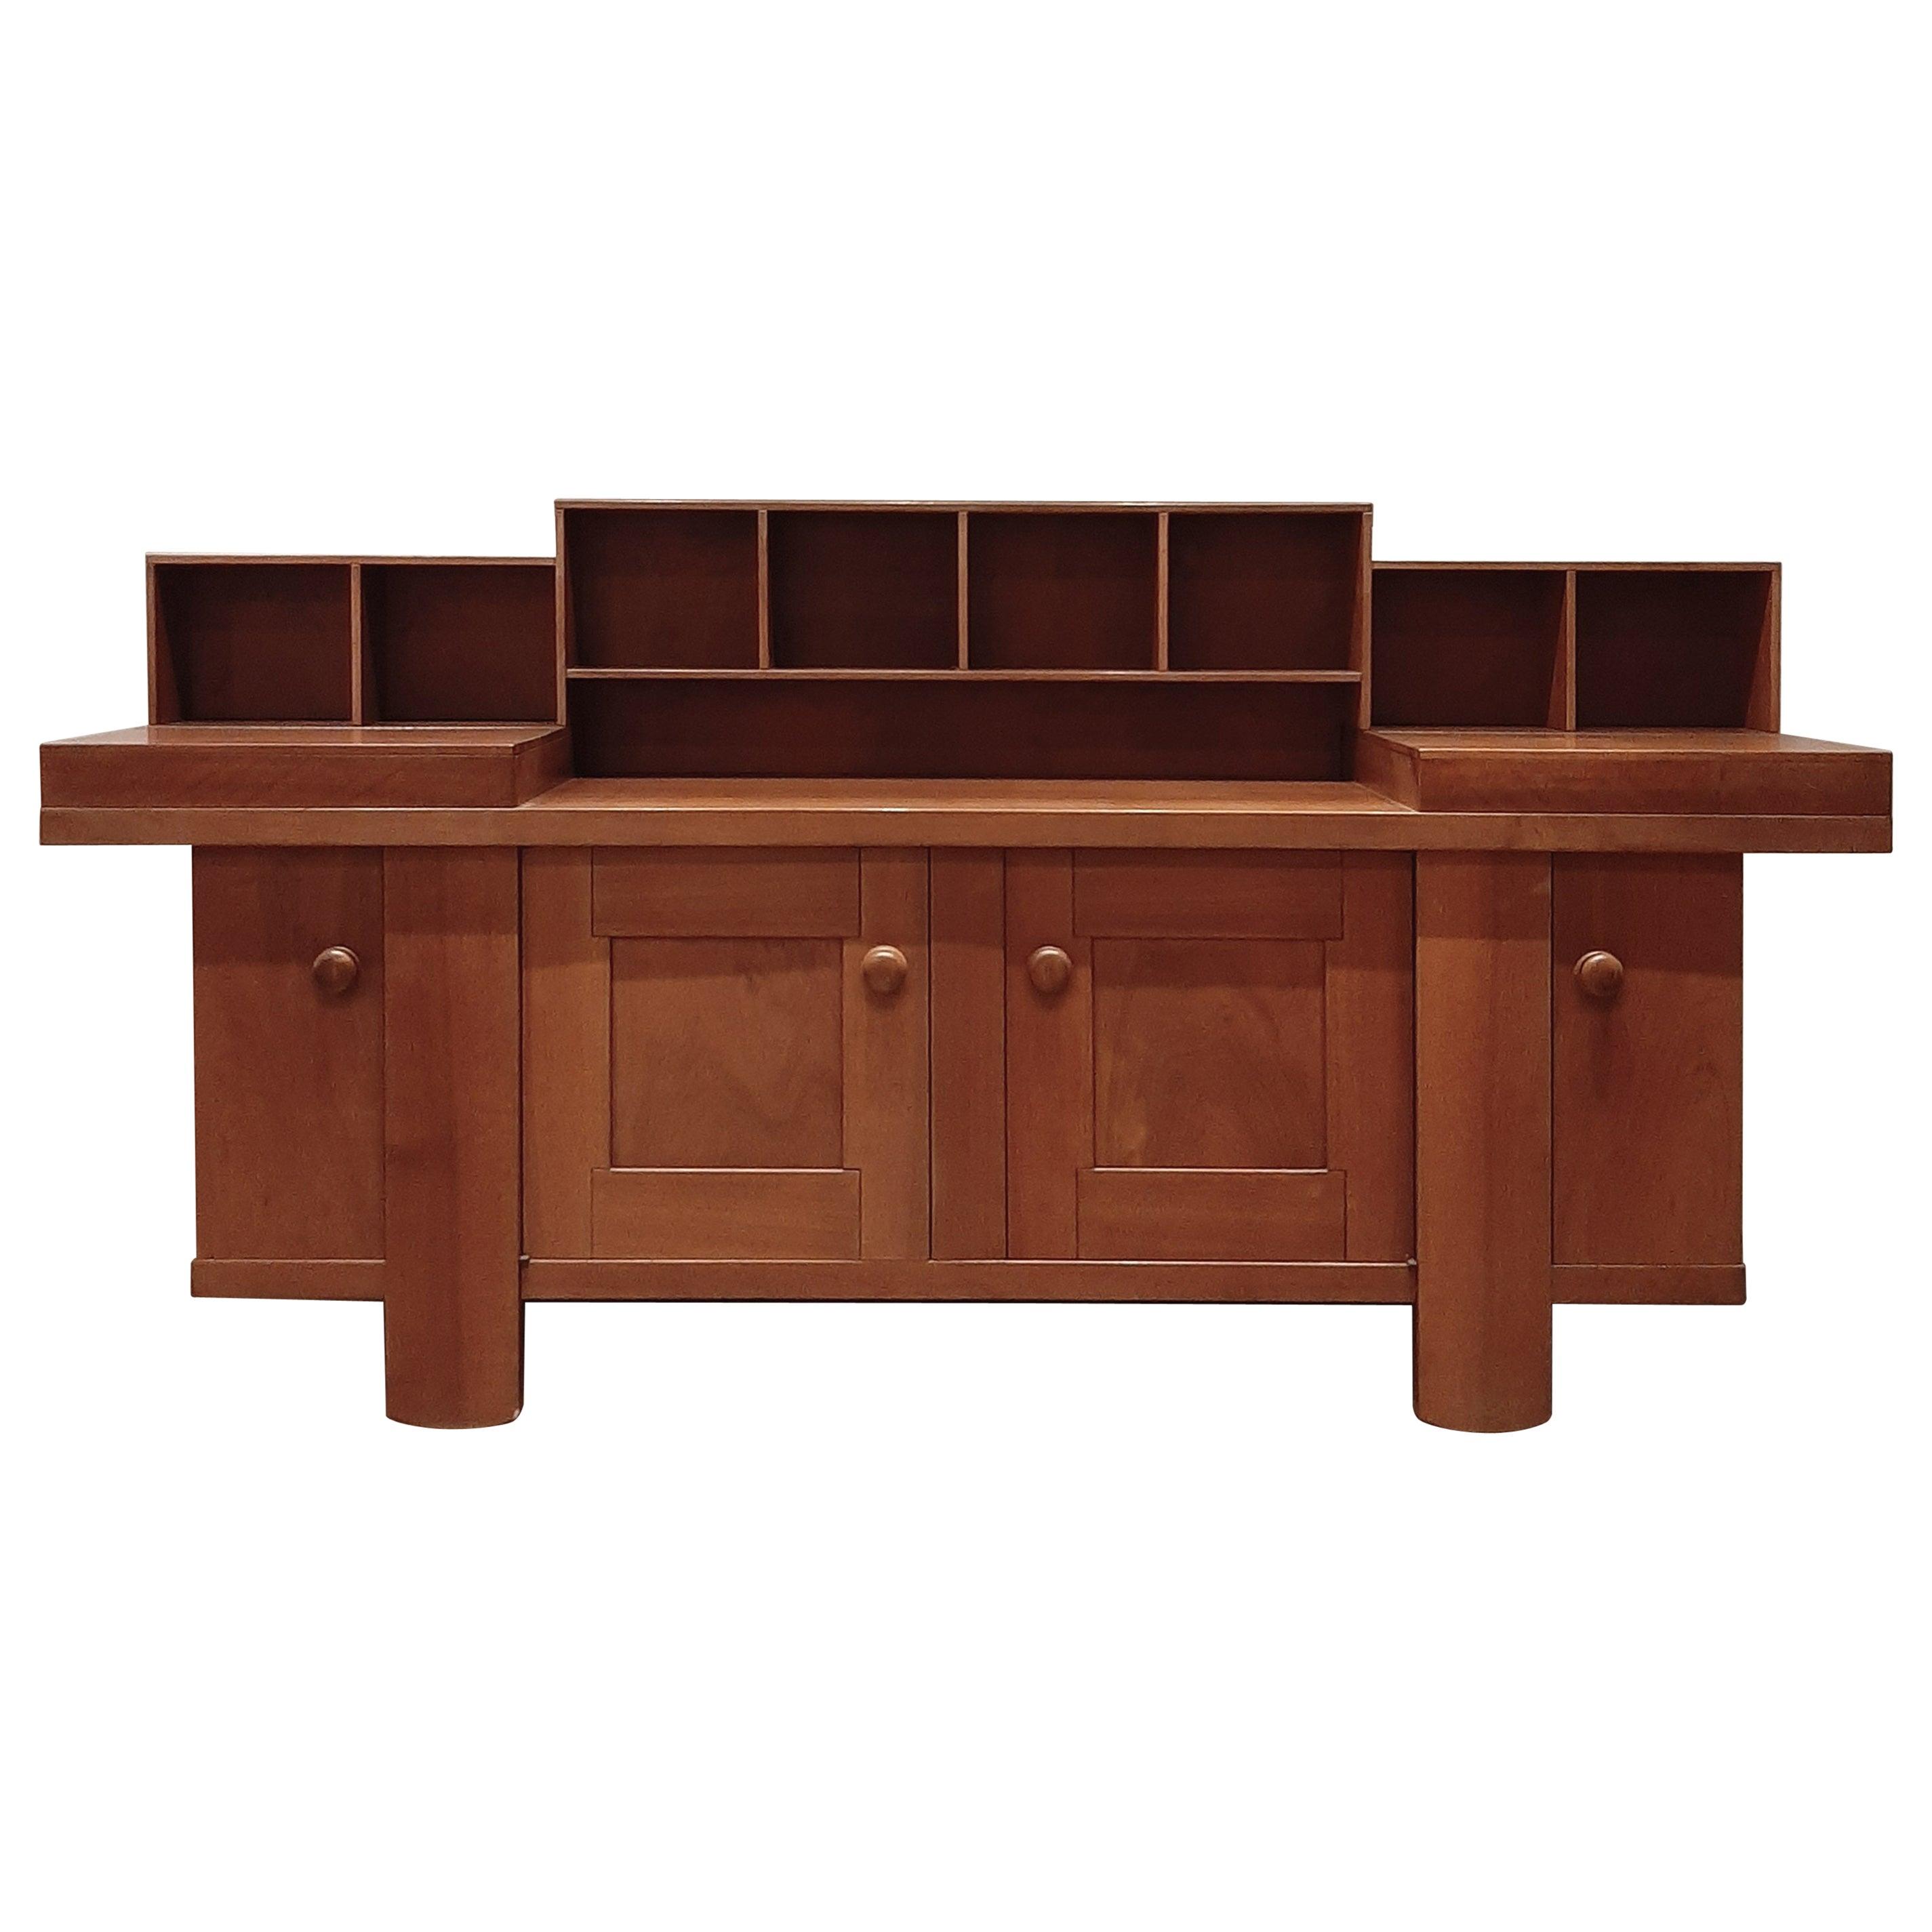 Silvio Coppola Buffet Cabinet, Italian, 1960s